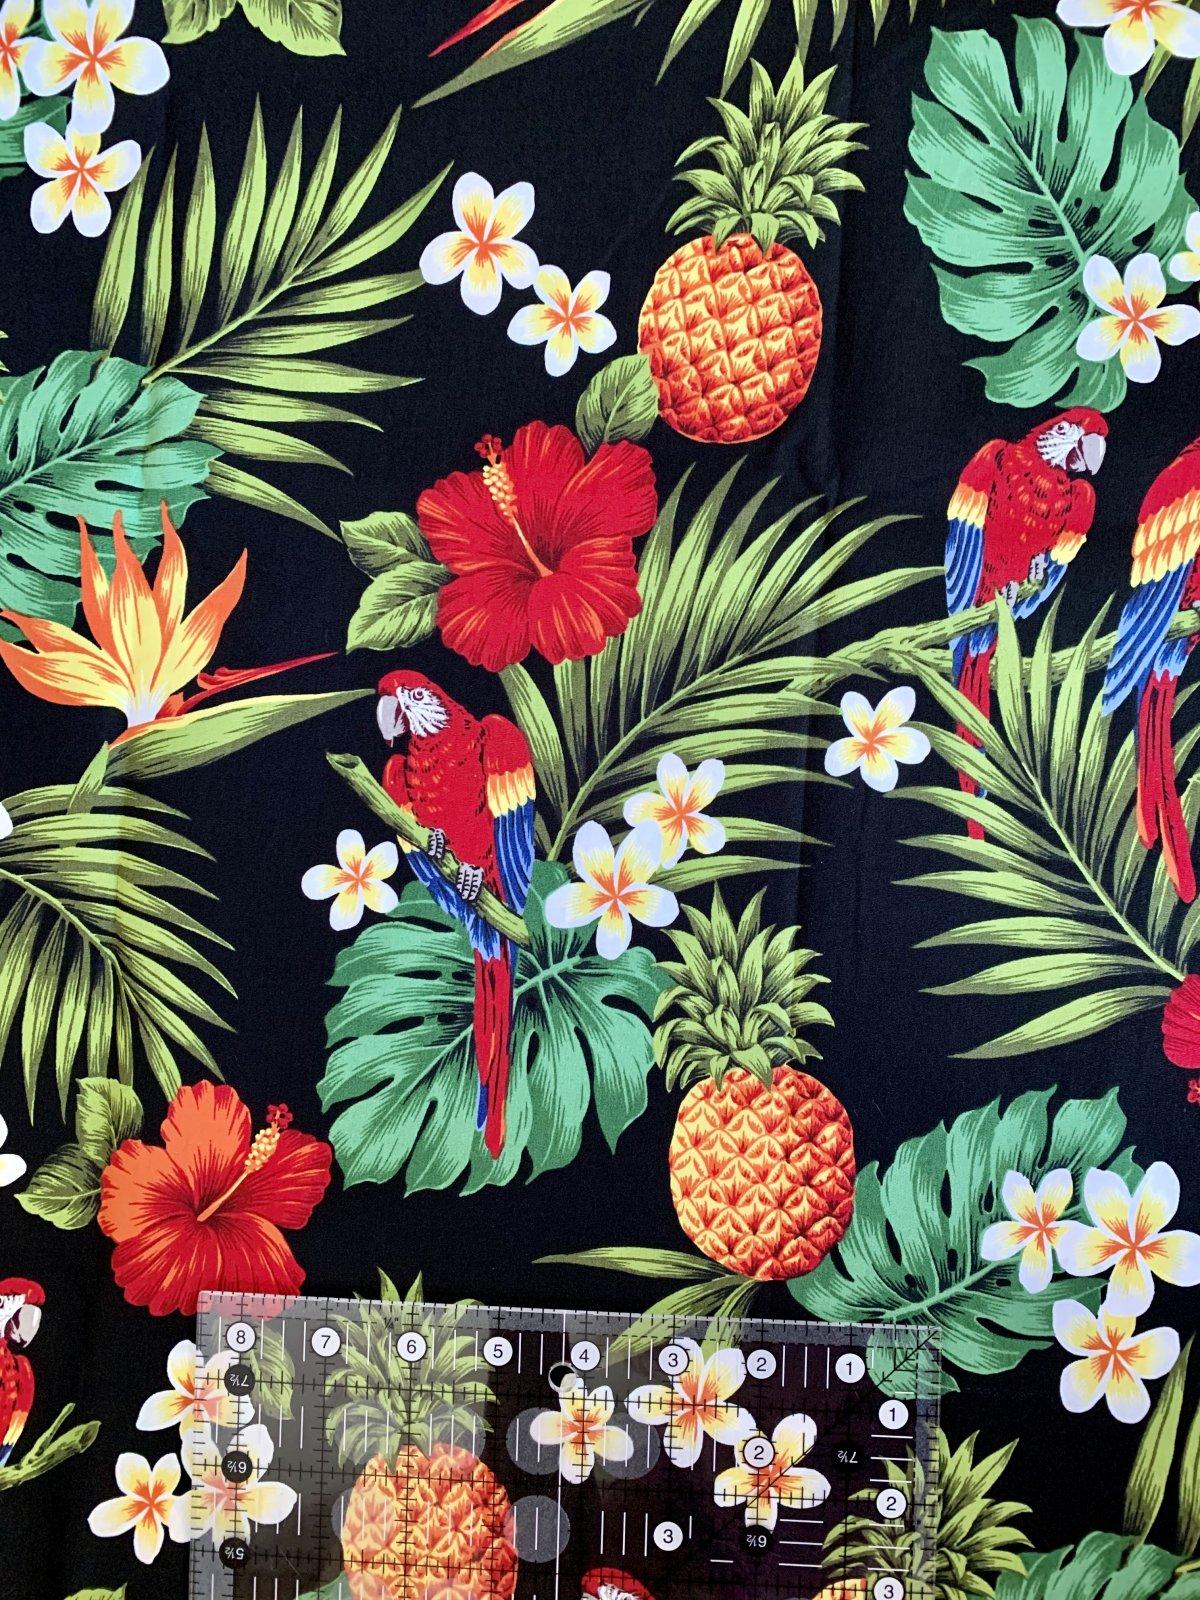 Tropical Parrots on black